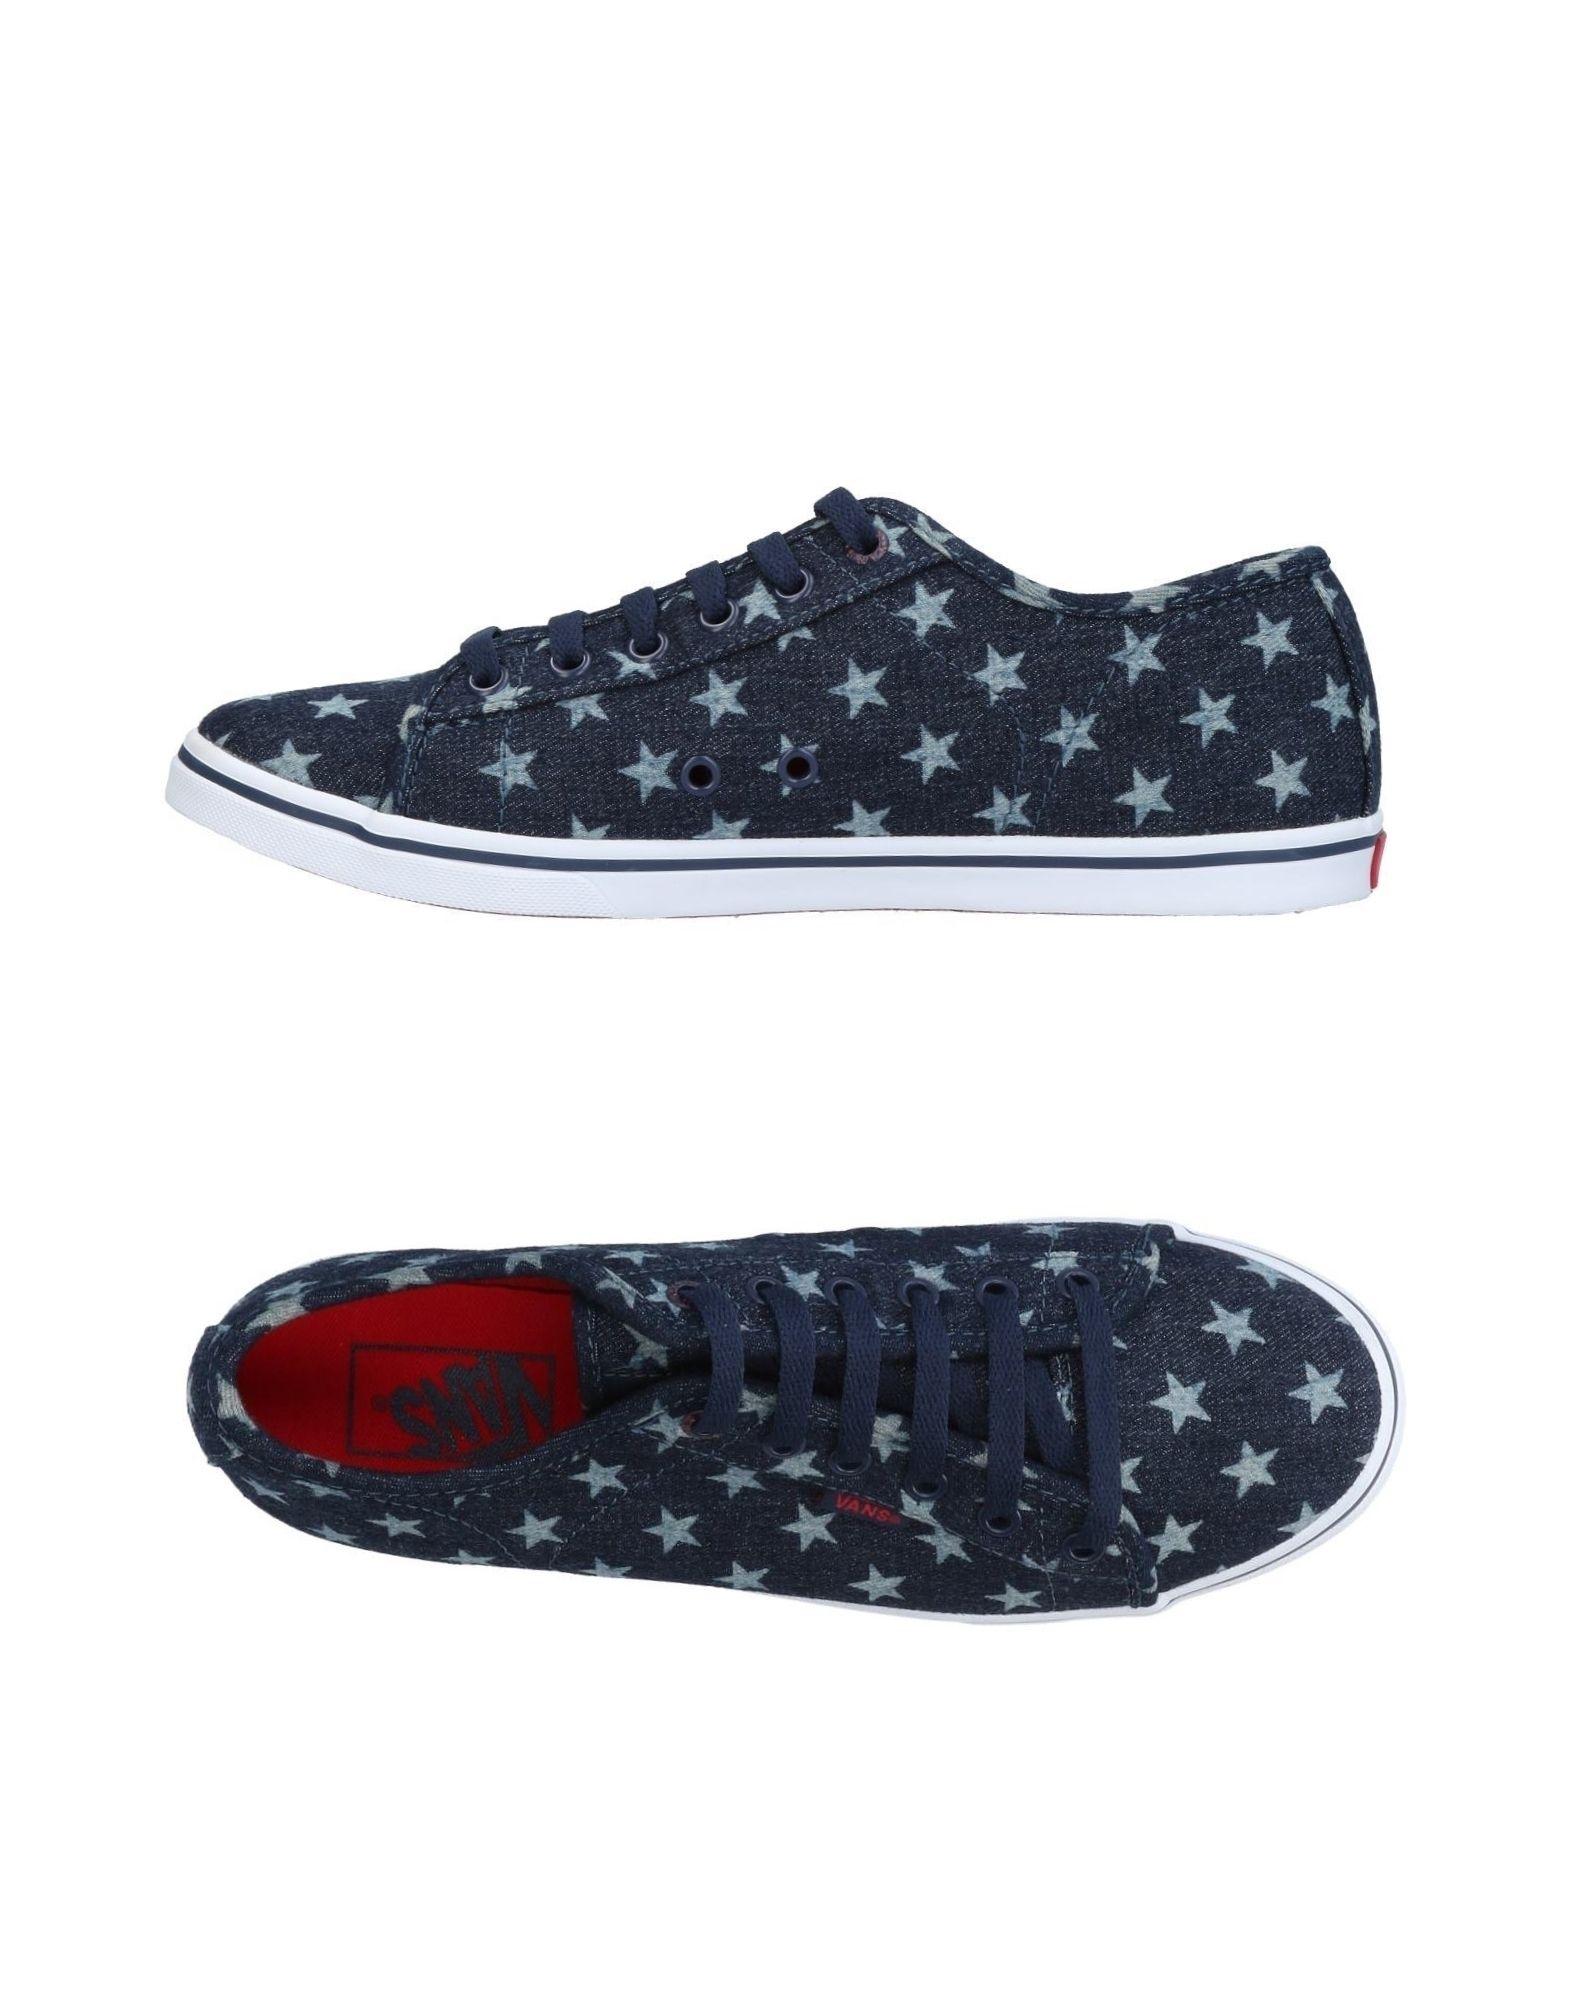 Moda Sneakers Vans 11460487JP Donna - 11460487JP Vans c55992